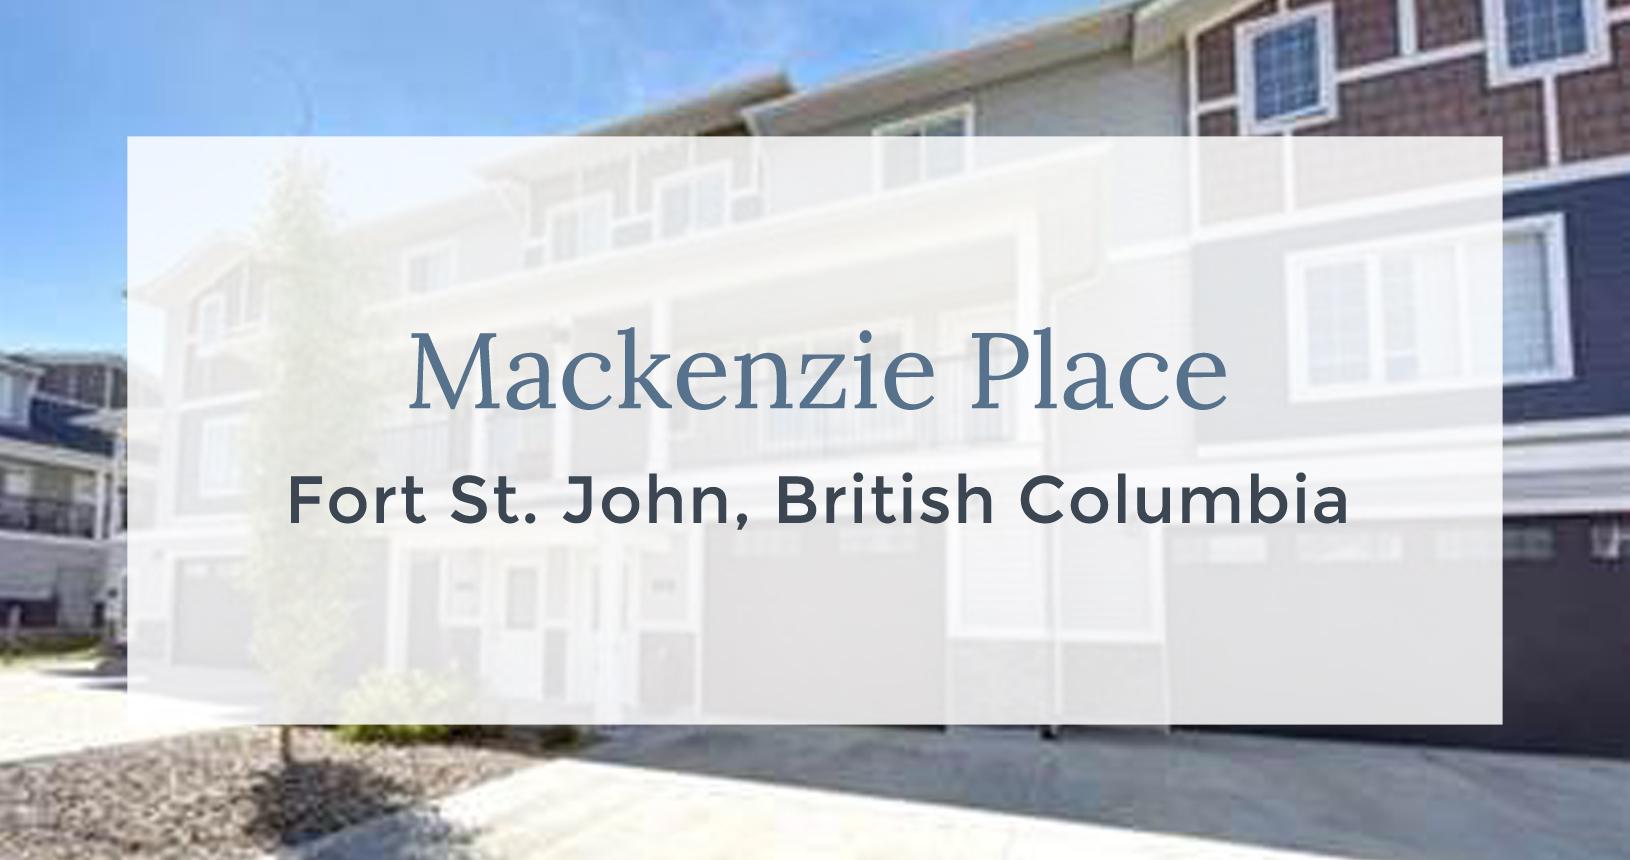 Mackenzie Place, Fort St. John, British Columbia